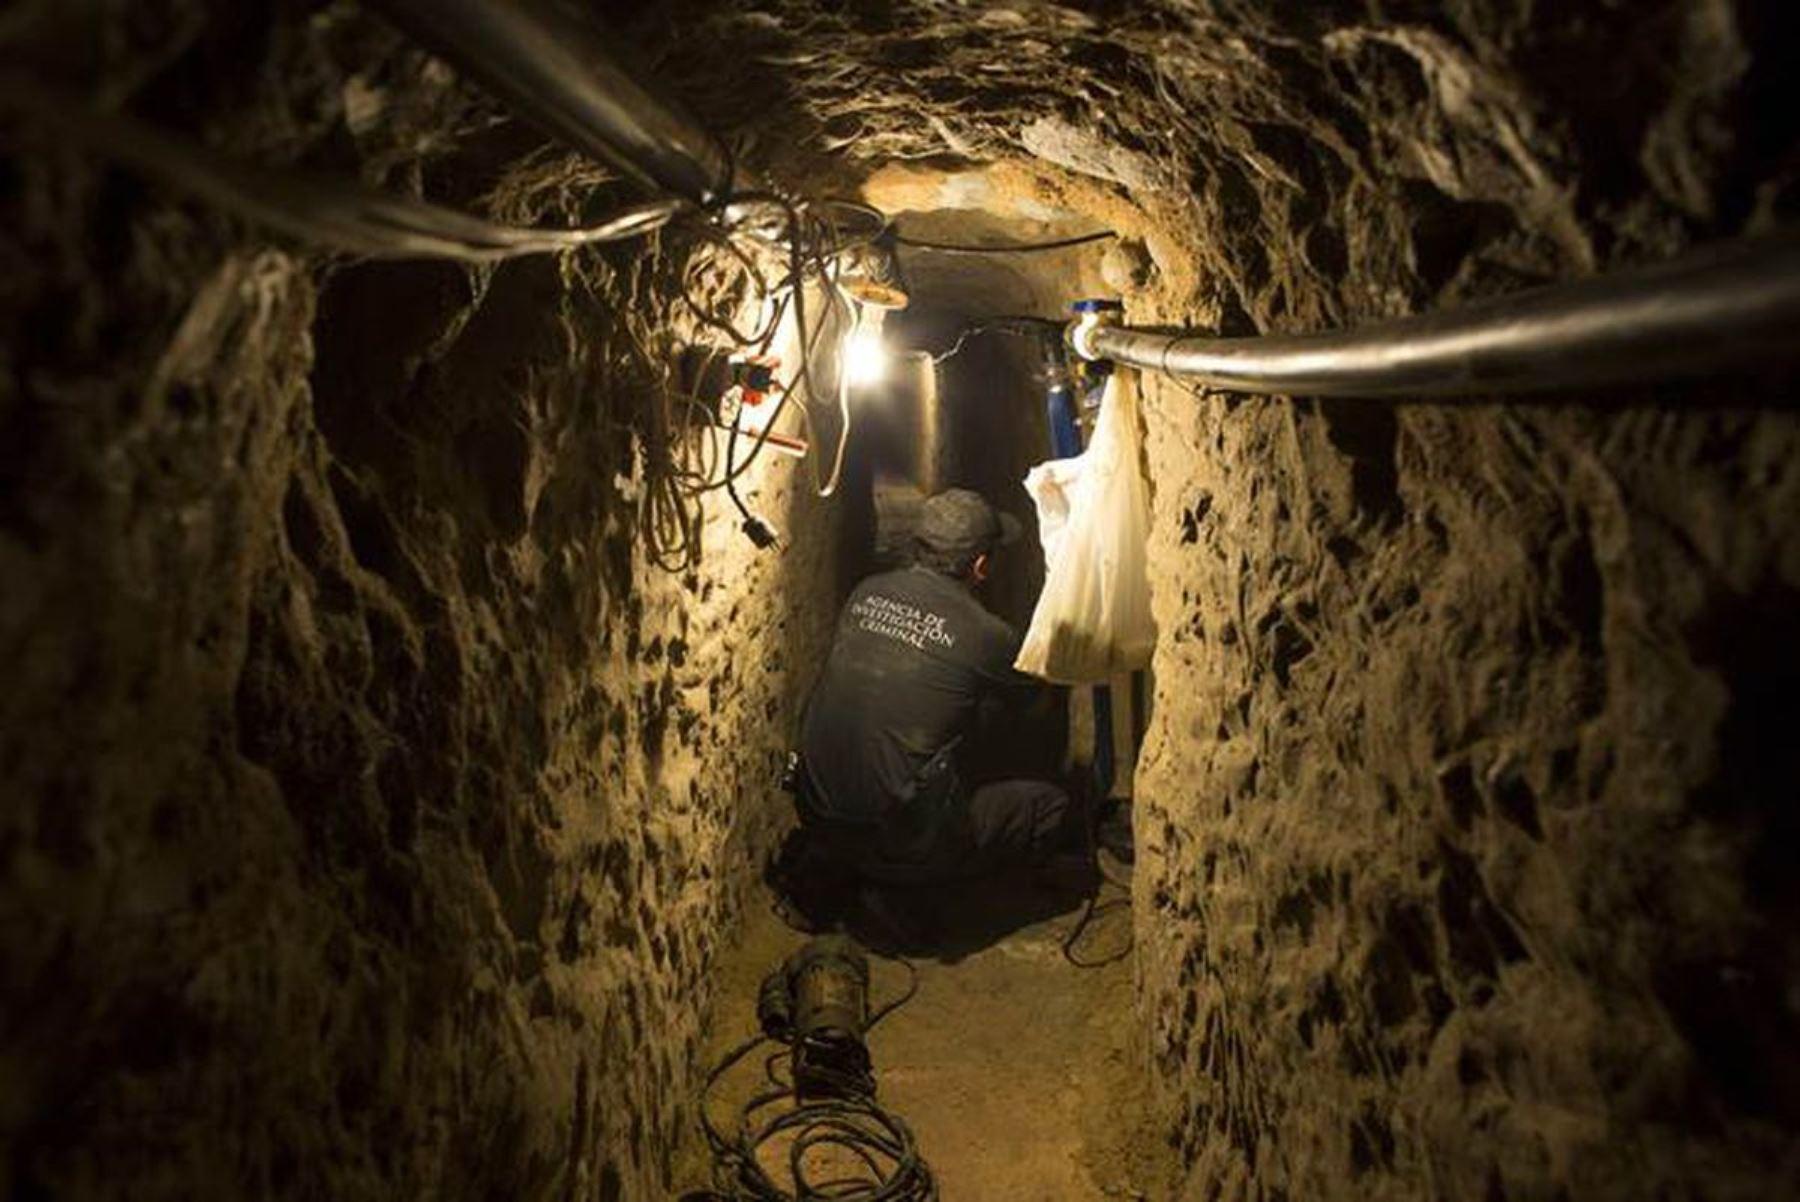 Aseguran vivienda en Mexicali donde se encontró narcotúnel